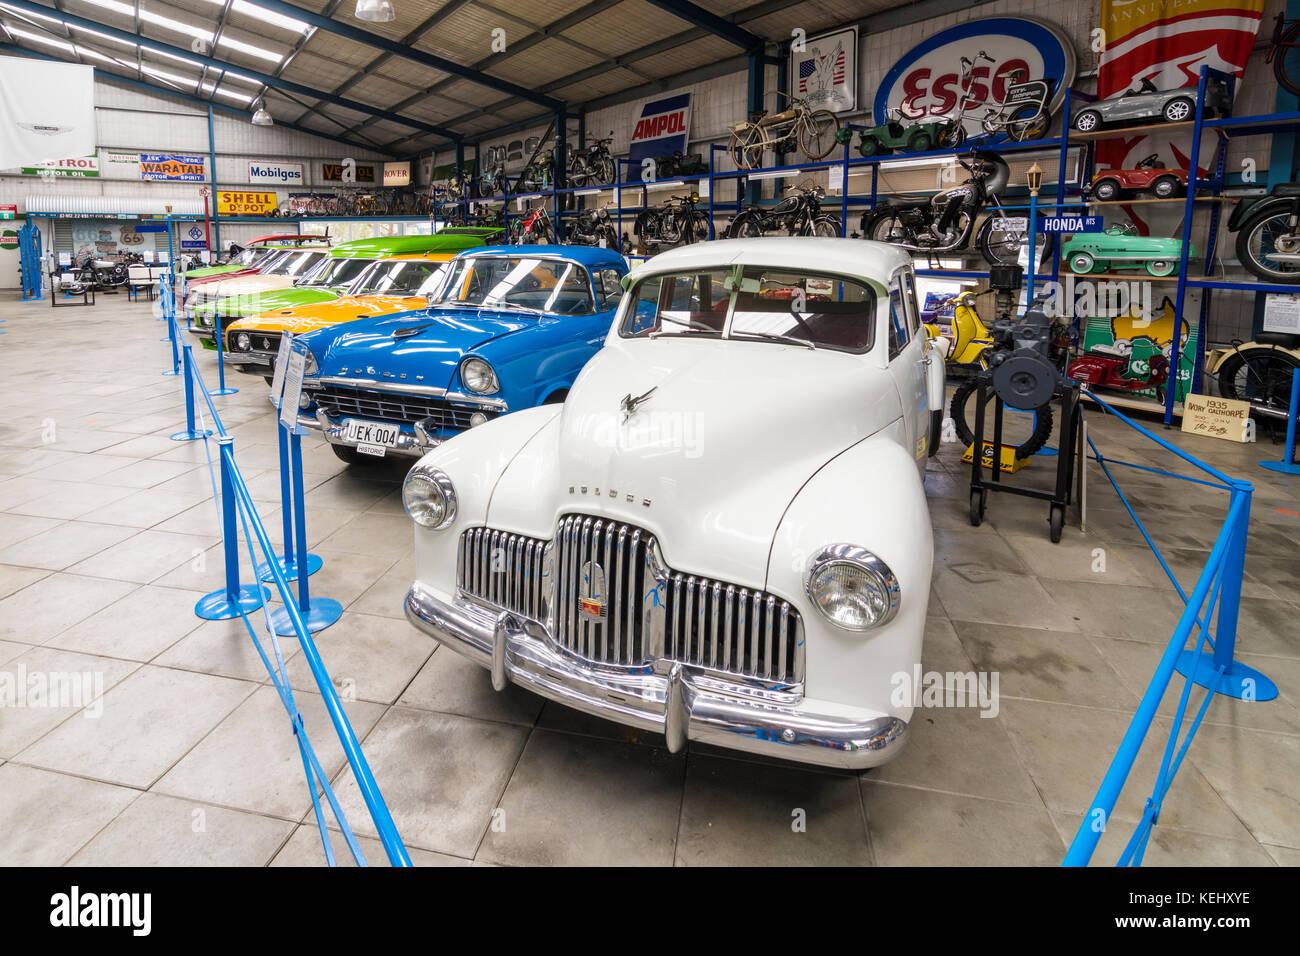 Voitures holden australienne montre au musée de l'automobile de wa, whiteman park dans la Swan Valley, Photo Stock